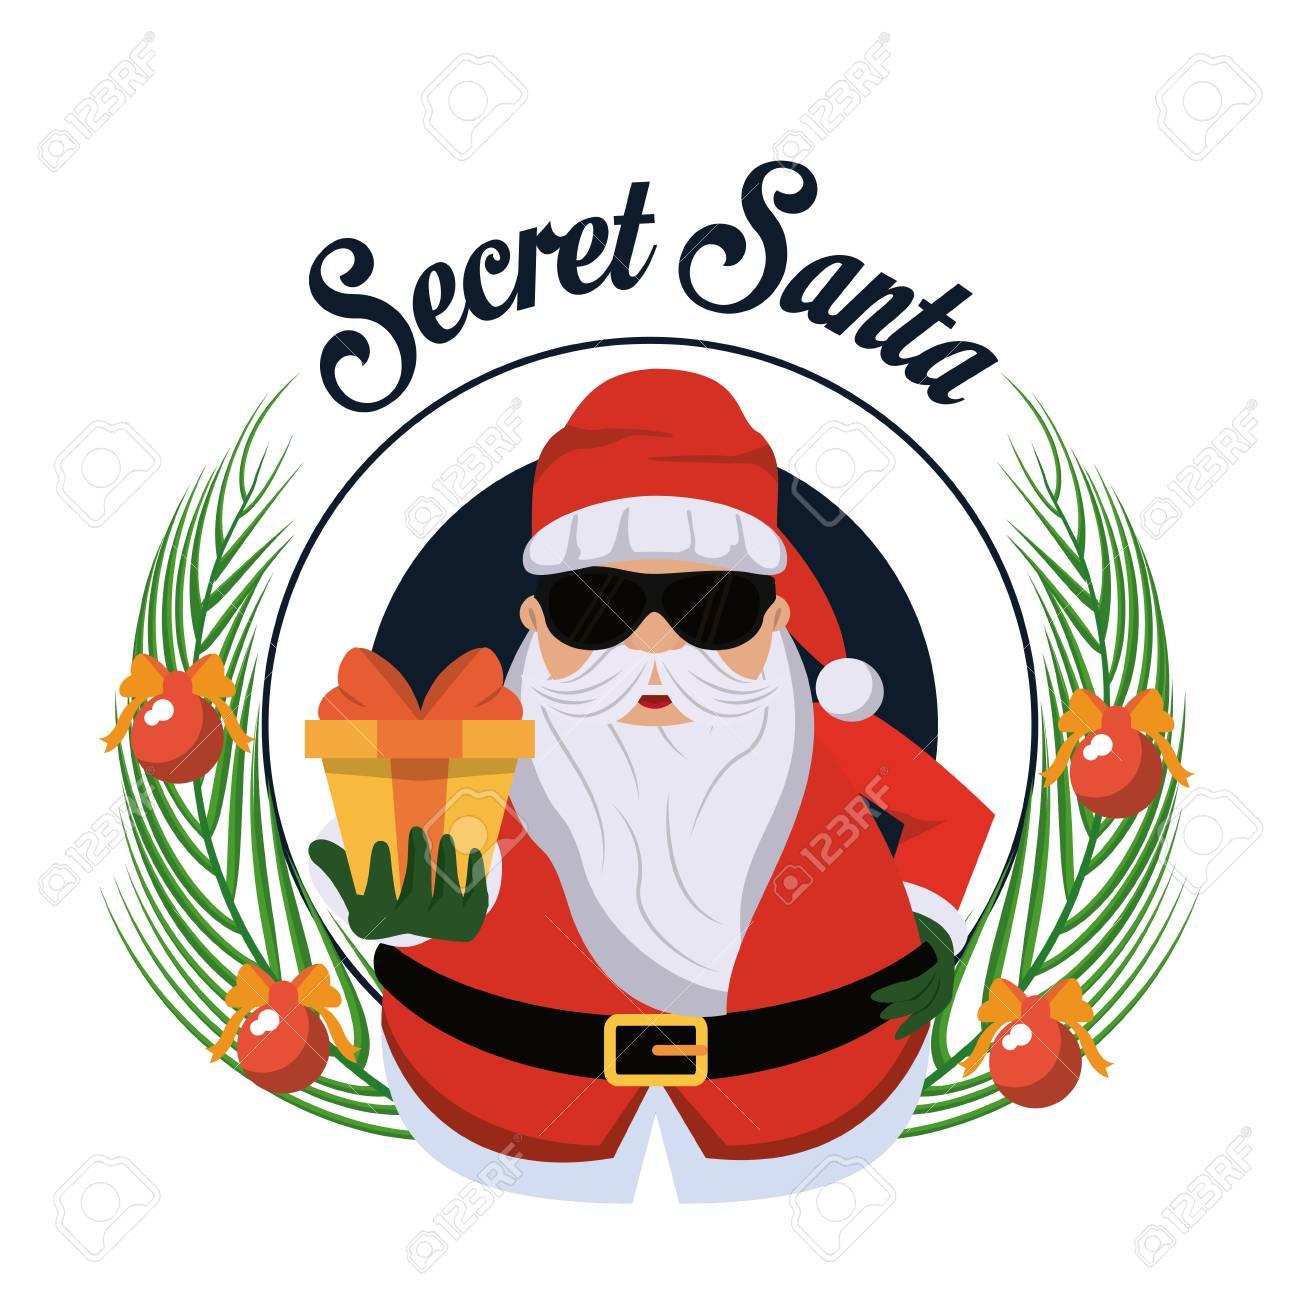 Image result for secret santa images